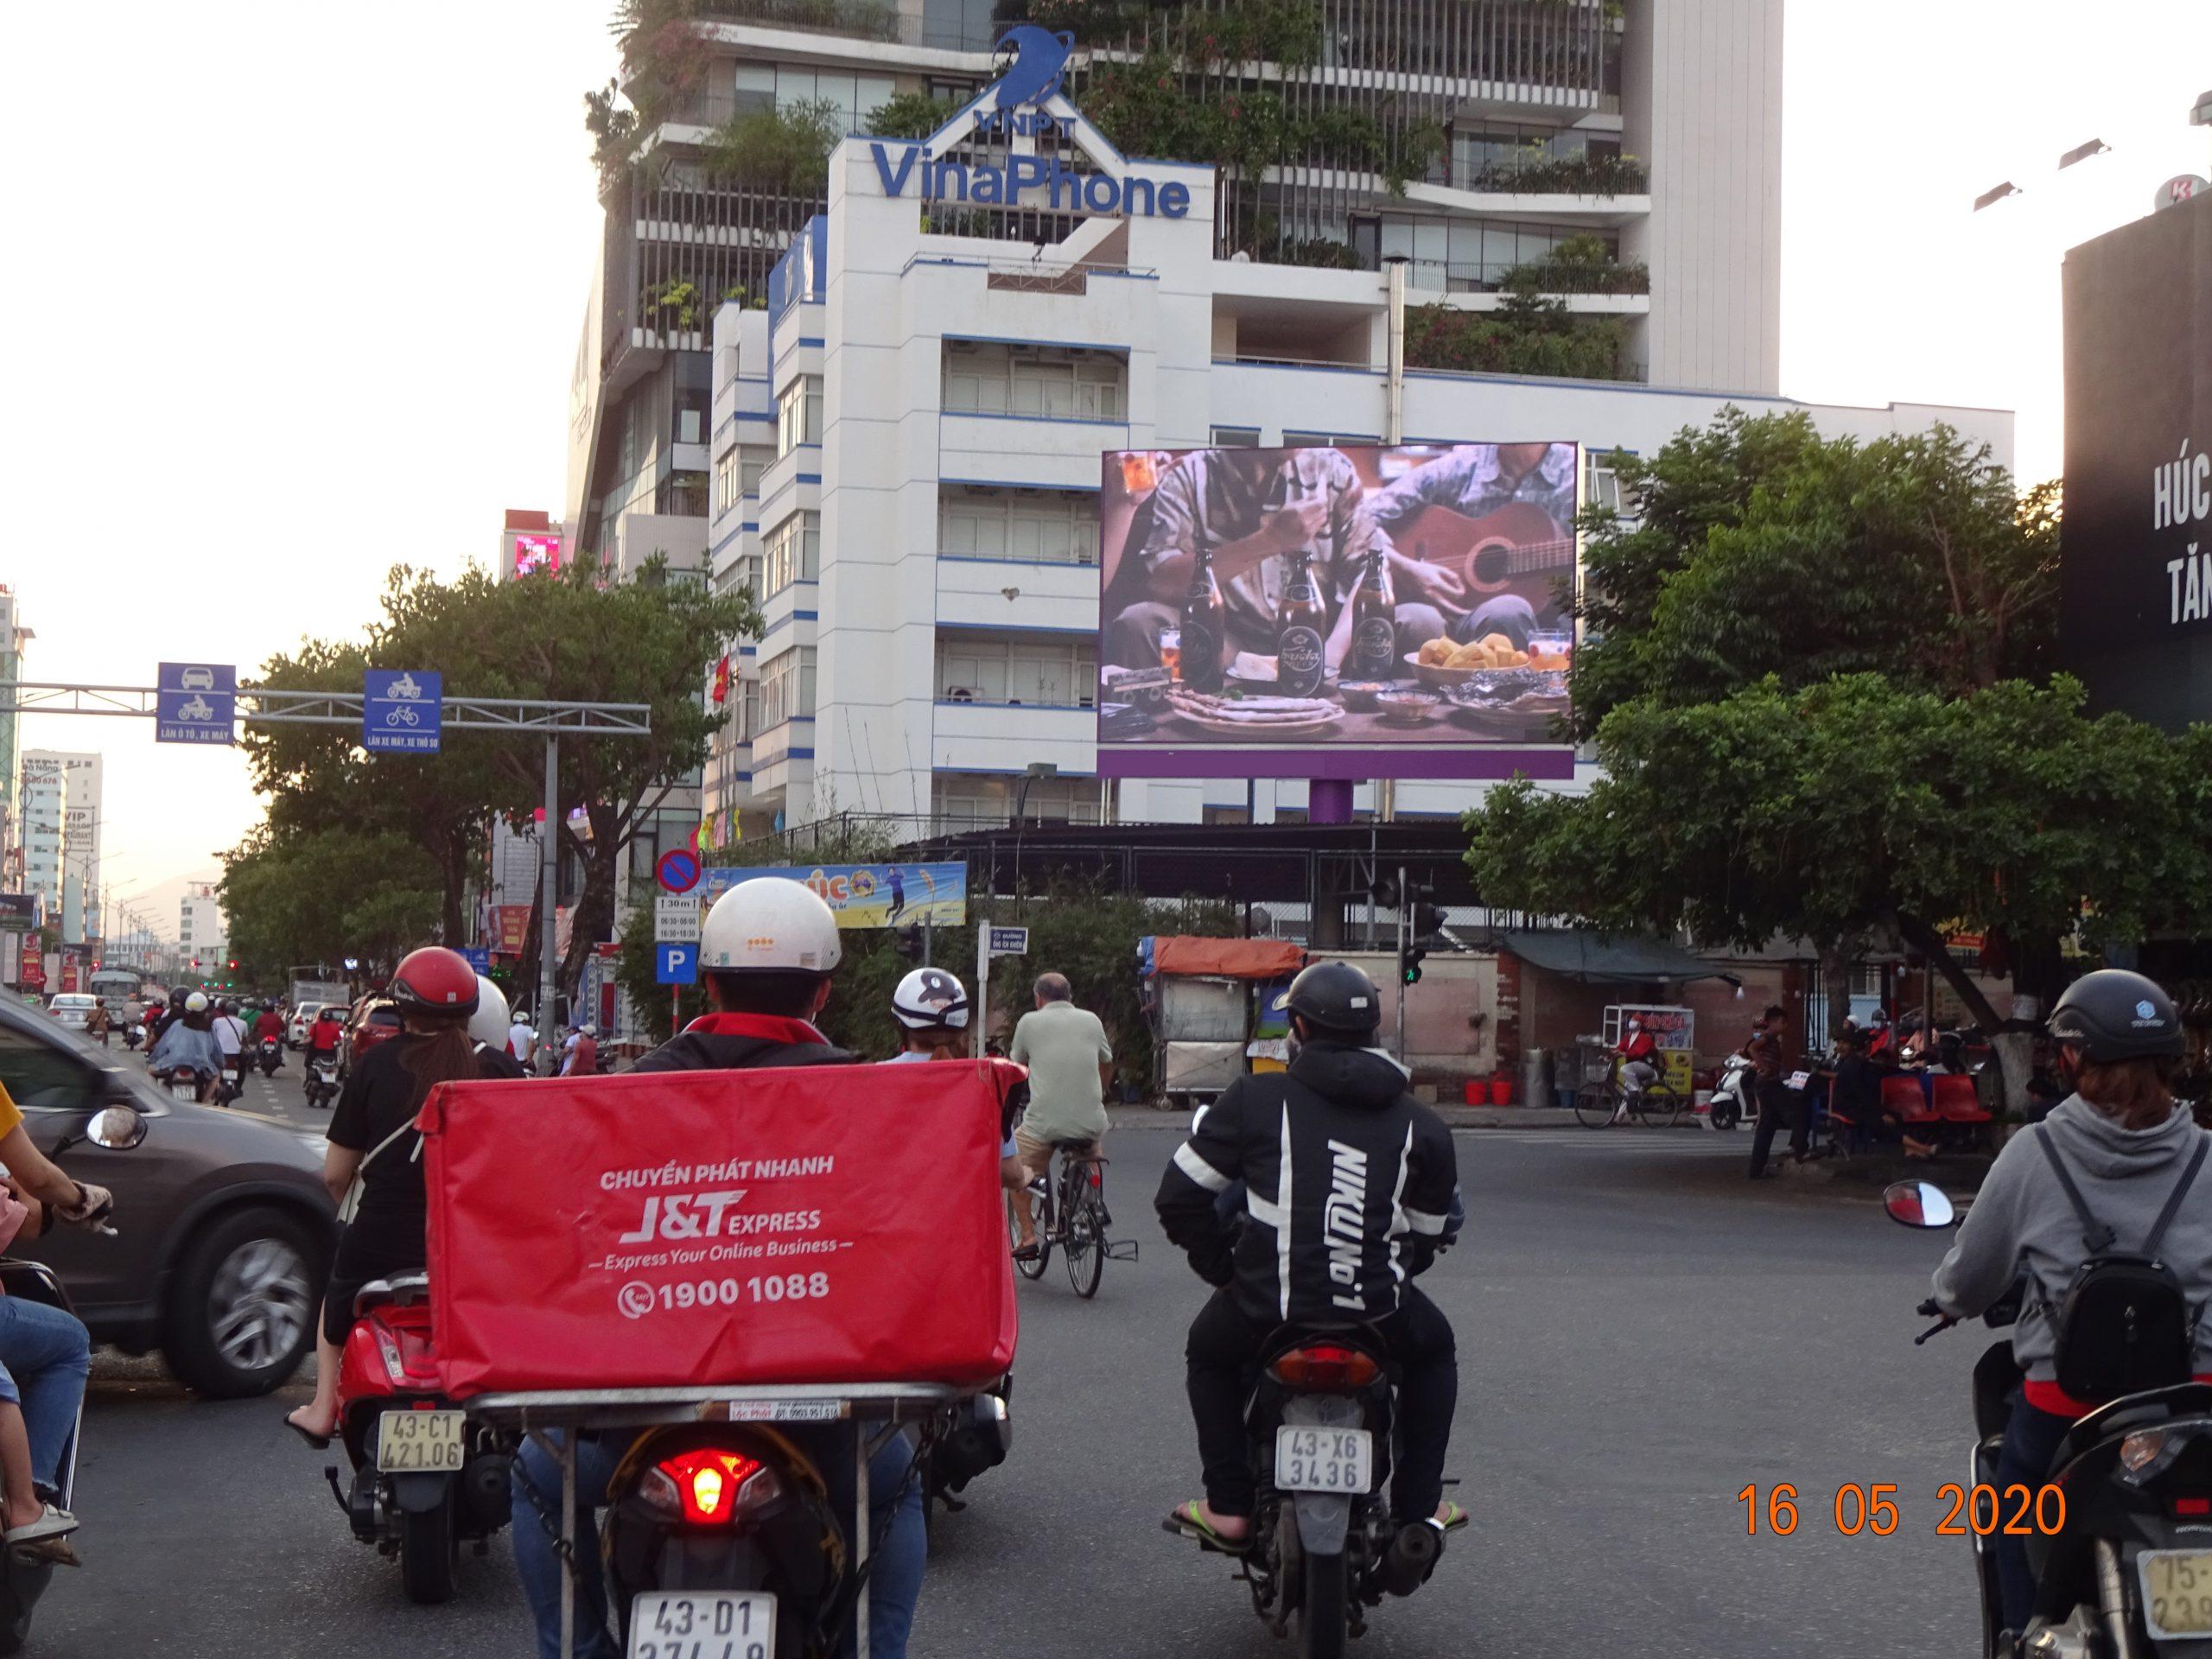 LED vòng xoay ngã 6, 50 Nguyễn Văn Linh - tp Đà Nẵng